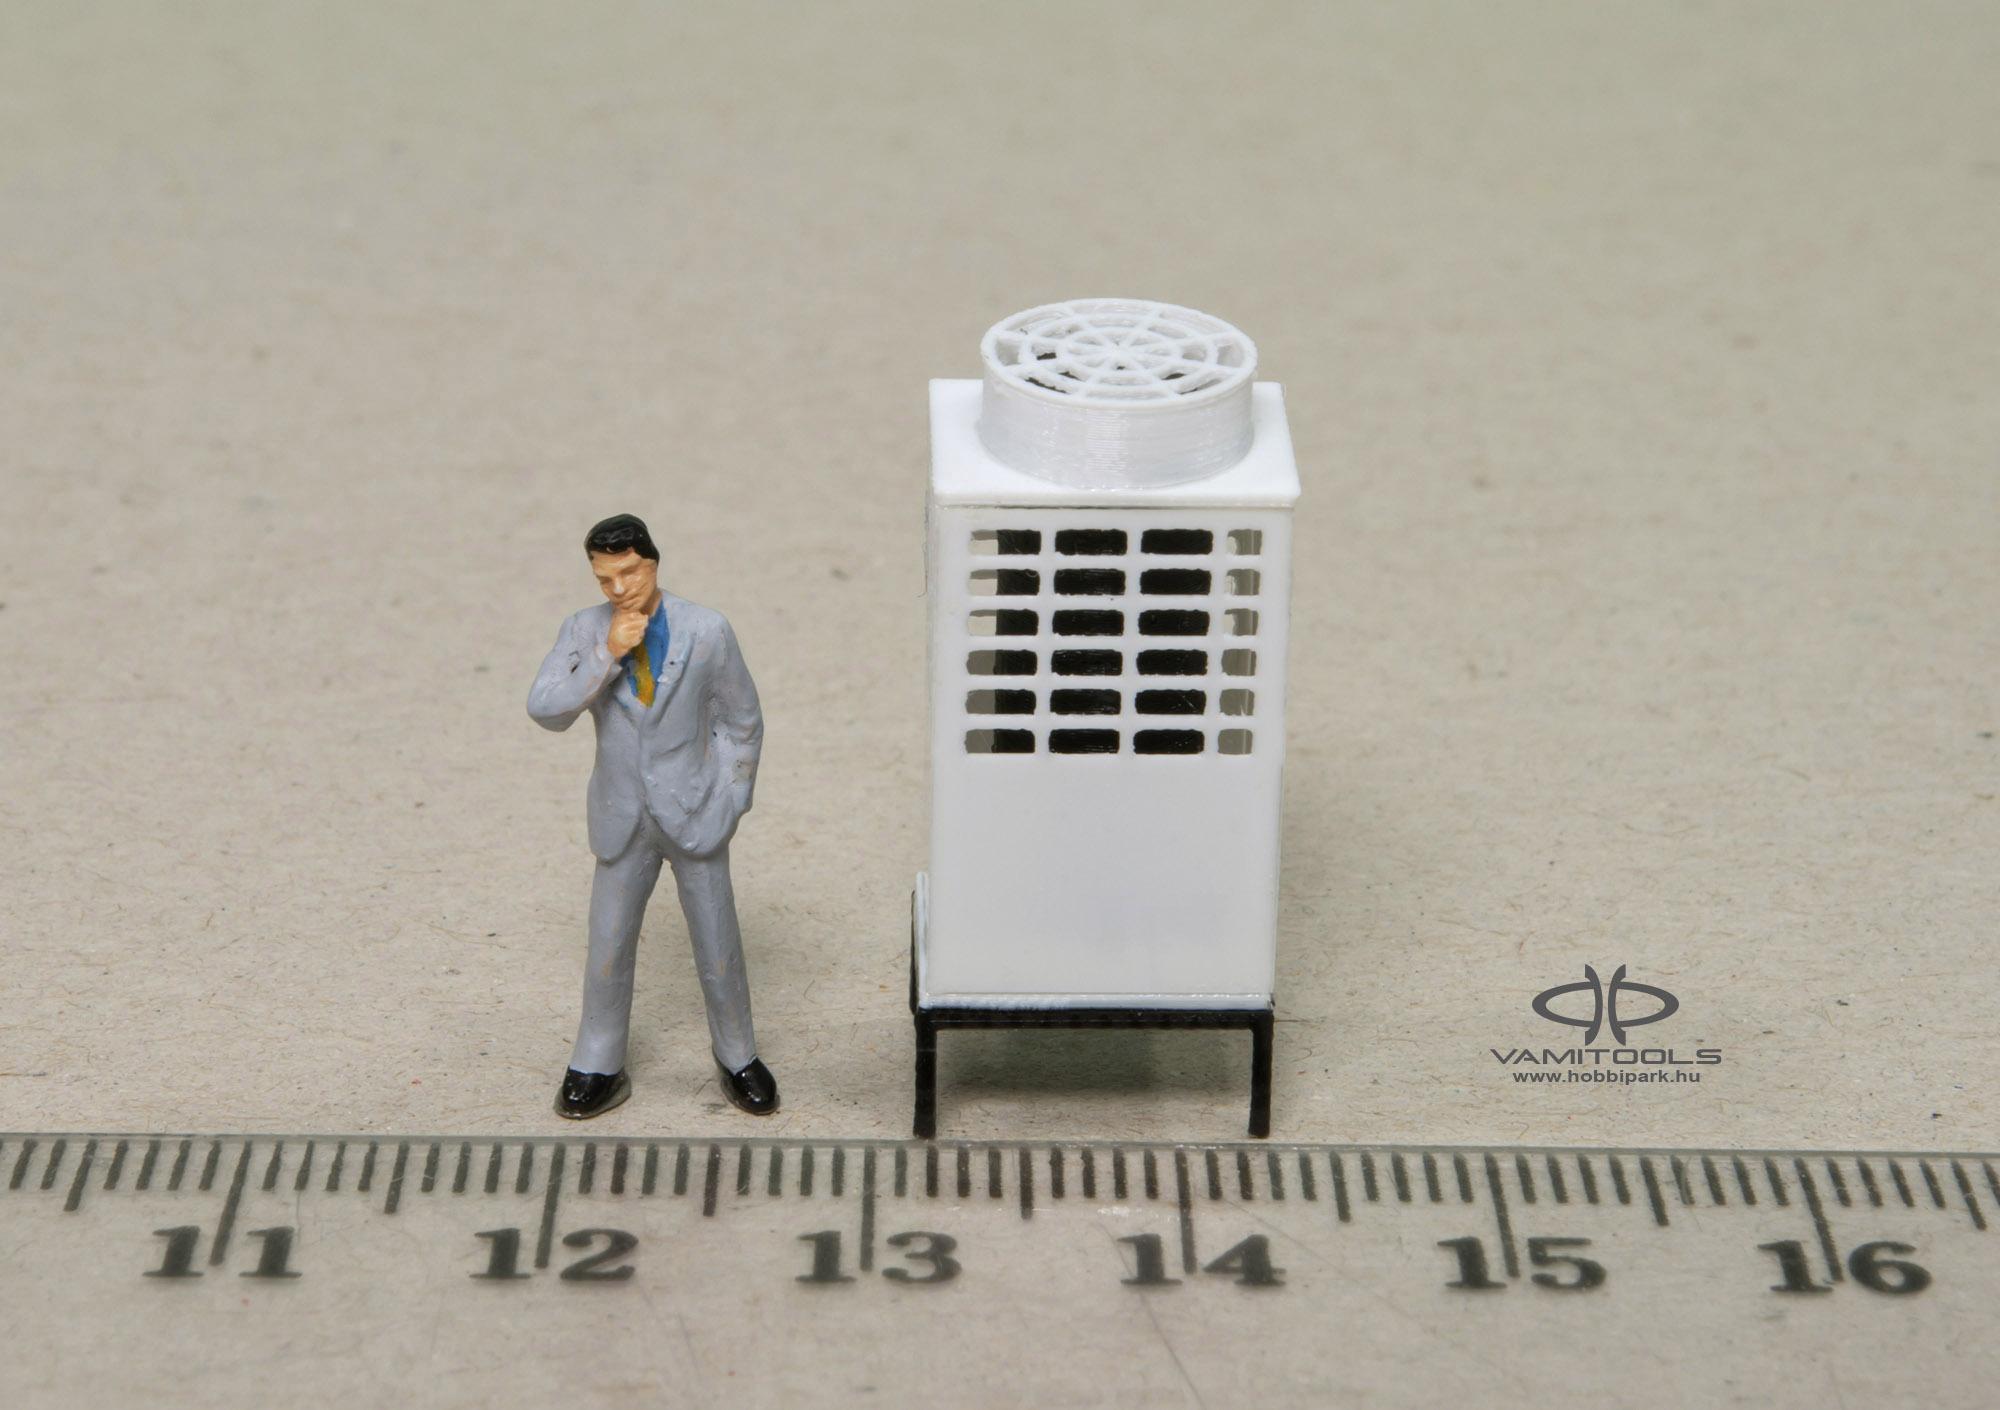 légkondicionáló, légkondi, klíma, terepasztal, dioráma, modell légkondicionáló, modell légkondi, modell klíma, H0 légkondicionáló, H0 légkondi, H0 klíma, H0 terepasztal, H0 dioráma, H0 modell légkondicionáló, H0 modell légkondi, H0 modell klíma, 1:87 légkondicionáló, 1:87 légkondi, 1:87 klíma, 1:87 terepasztal, 1:87 dioráma, 1:87 modell légkondicionáló, 1:87 modell légkondi, 1:87 modell klíma, TT légkondicionáló, TT légkondi, TT klíma, TT terepasztal, TT dioráma, TT modell légkondicionáló, TT modell légkondi, TT modell klíma, 1:120 légkondicionáló, 1:120 légkondi, 1:120 klíma, 1:120 terepasztal, 1:120 dioráma, 1:120 modell légkondicionáló, 1:120 modell légkondi, 1:120 modell klíma, N légkondicionáló, N légkondi, N klíma, N terepasztal, N dioráma, N modell légkondicionáló, N modell légkondi, N modell klíma, 1:160 légkondicionáló, 1:160 légkondi, 1:160 klíma, 1:160 terepasztal, 1:160 dioráma, 1:160 modell légkondicionáló, 1:160 modell légkondi, 1:160 modell klíma, makett légkondicionáló, makett légkondi, makett klíma, makett terepasztal, makett dioráma, makett légkondicionáló, makett légkondi, makett klíma, modell légkondicionáló, modell légkondi, modell klíma, modell terepasztal, modell dioráma, modell légkondicionáló, modell légkondi, modell klíma